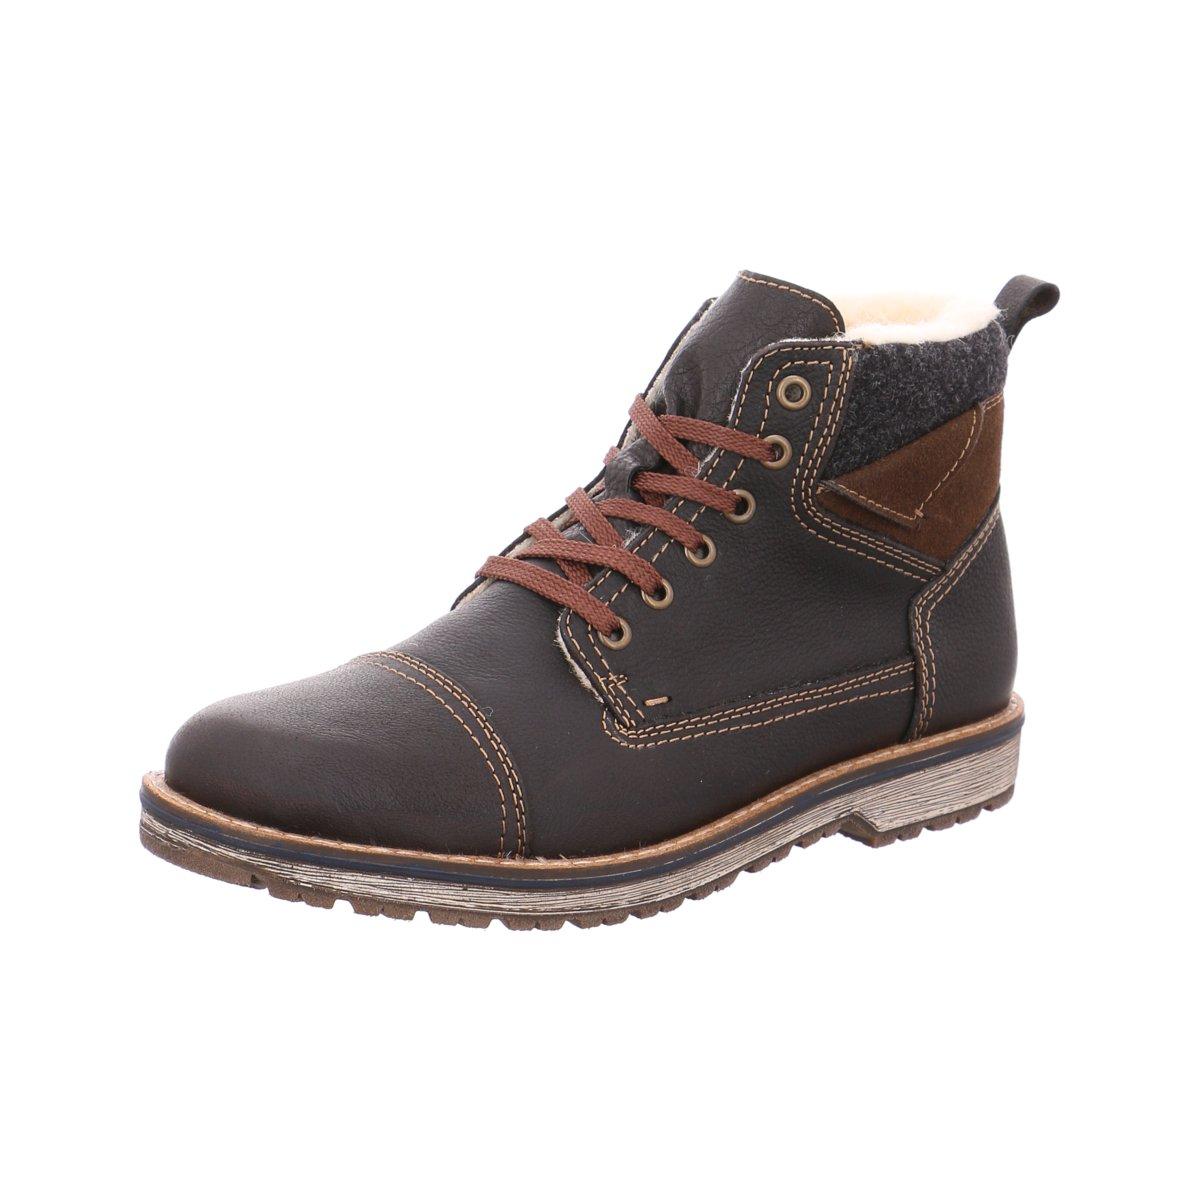 569c4298afd6a3 Das Bild wird geladen Rieker-Herren-Stiefel-TEX-Boots-kastanie-39230-25-